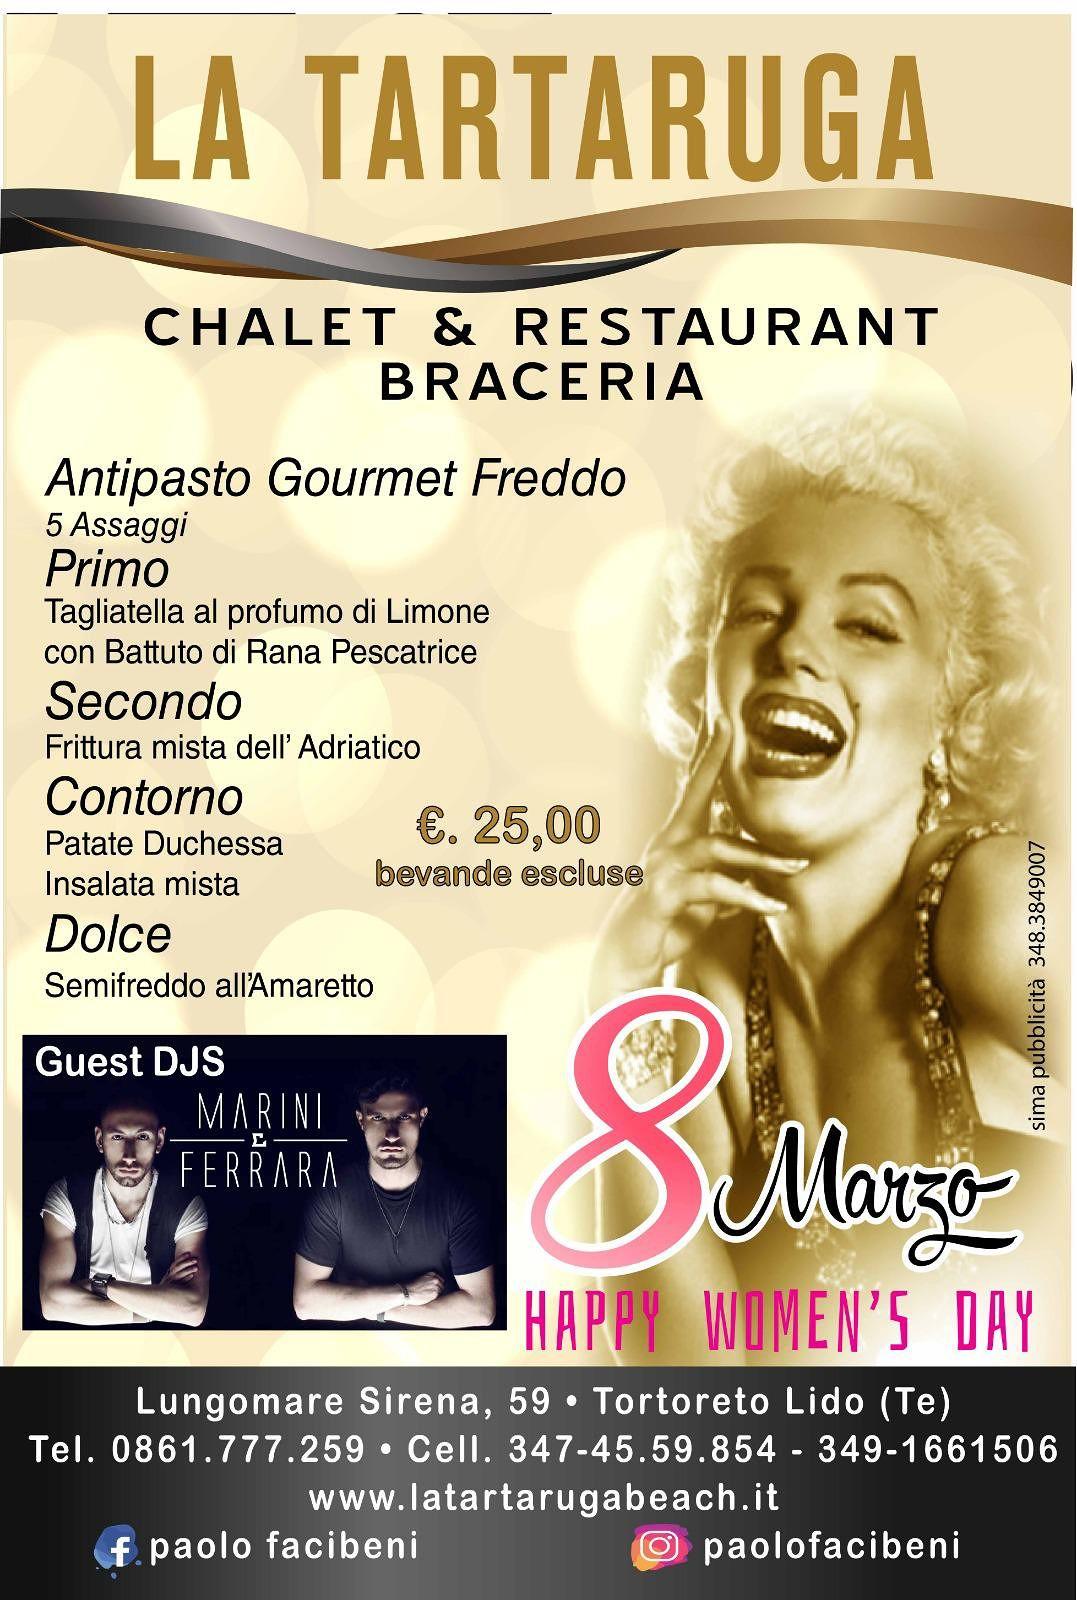 8 Marzo allo CHALET LA TARTARUGA. Fantastico Menù e ottima musica!